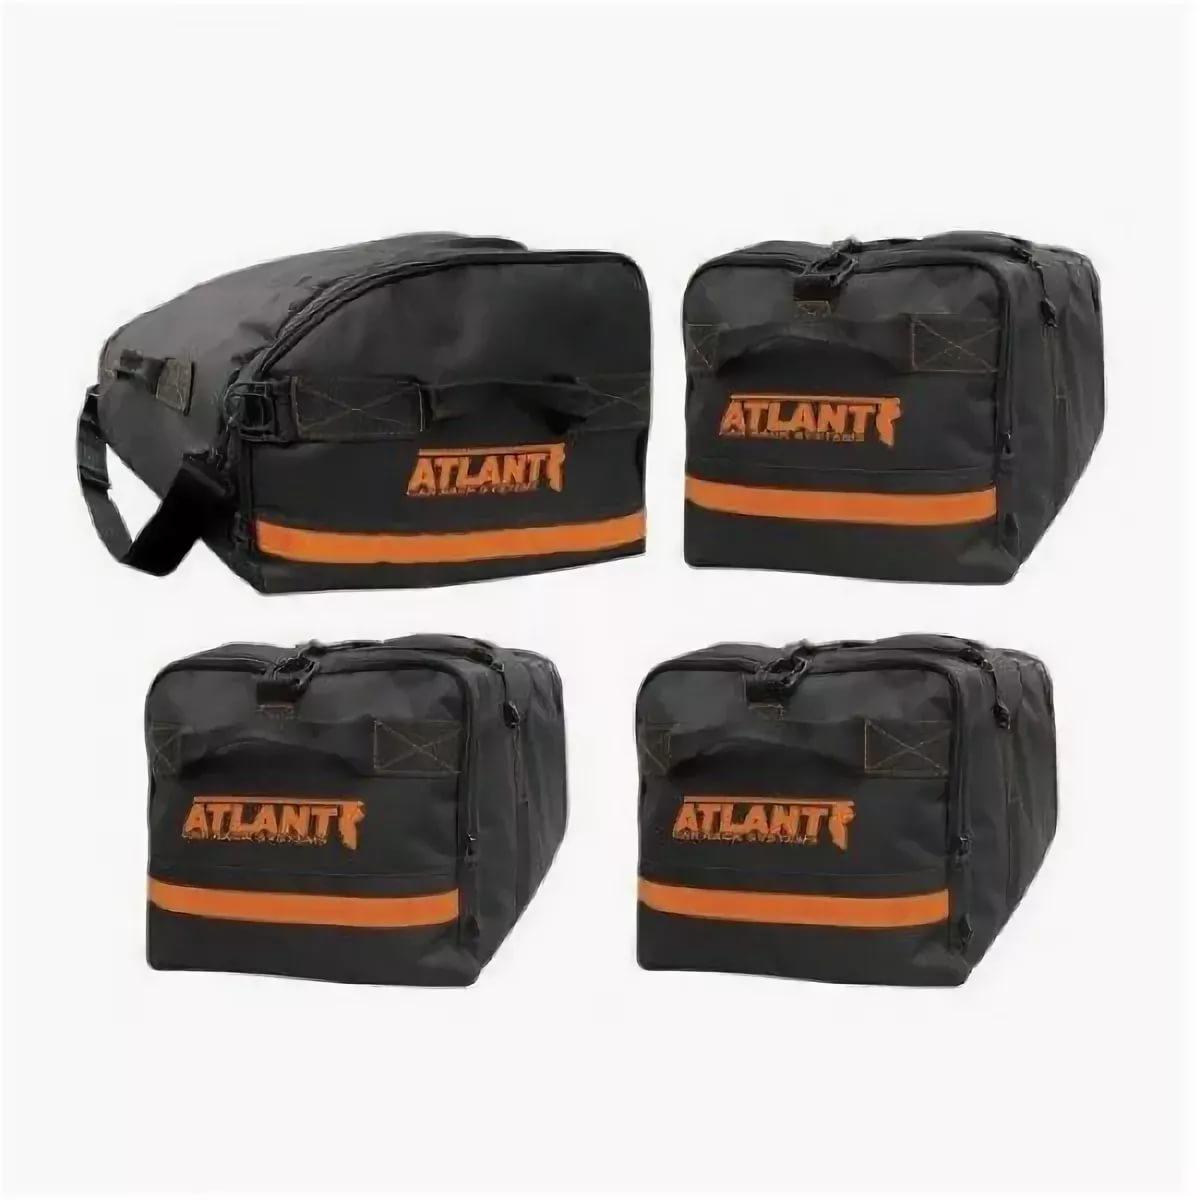 Комплект сумок Атлант (1+3) в автобокс (Для боксов от 165-175см)